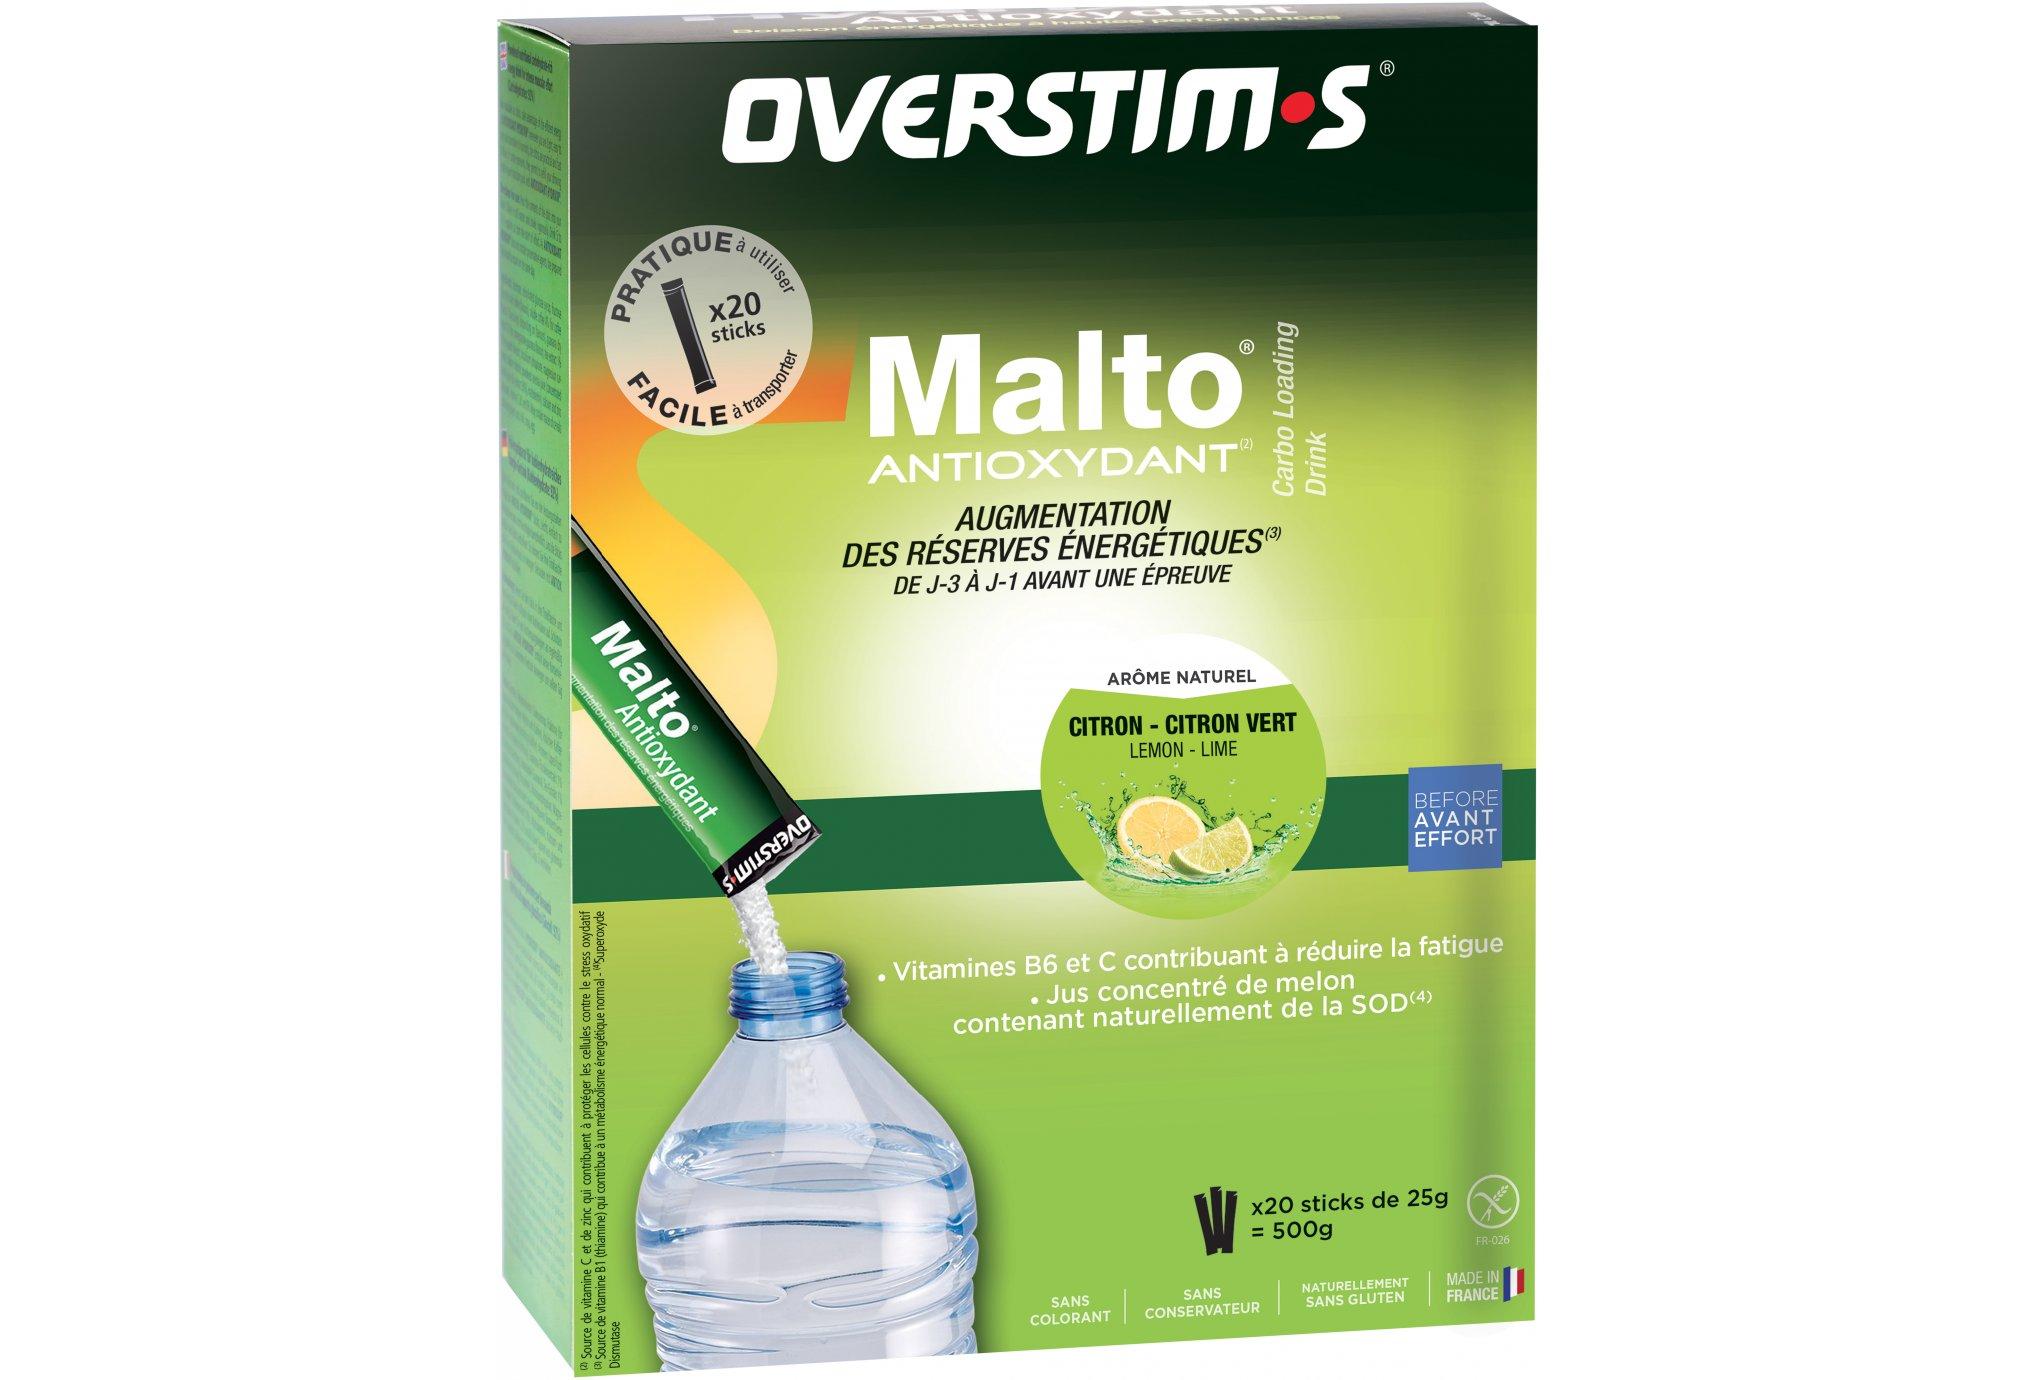 OVERSTIMS Malto Antioxydant 20 sticks - Citron/citron vert Diététique Préparation